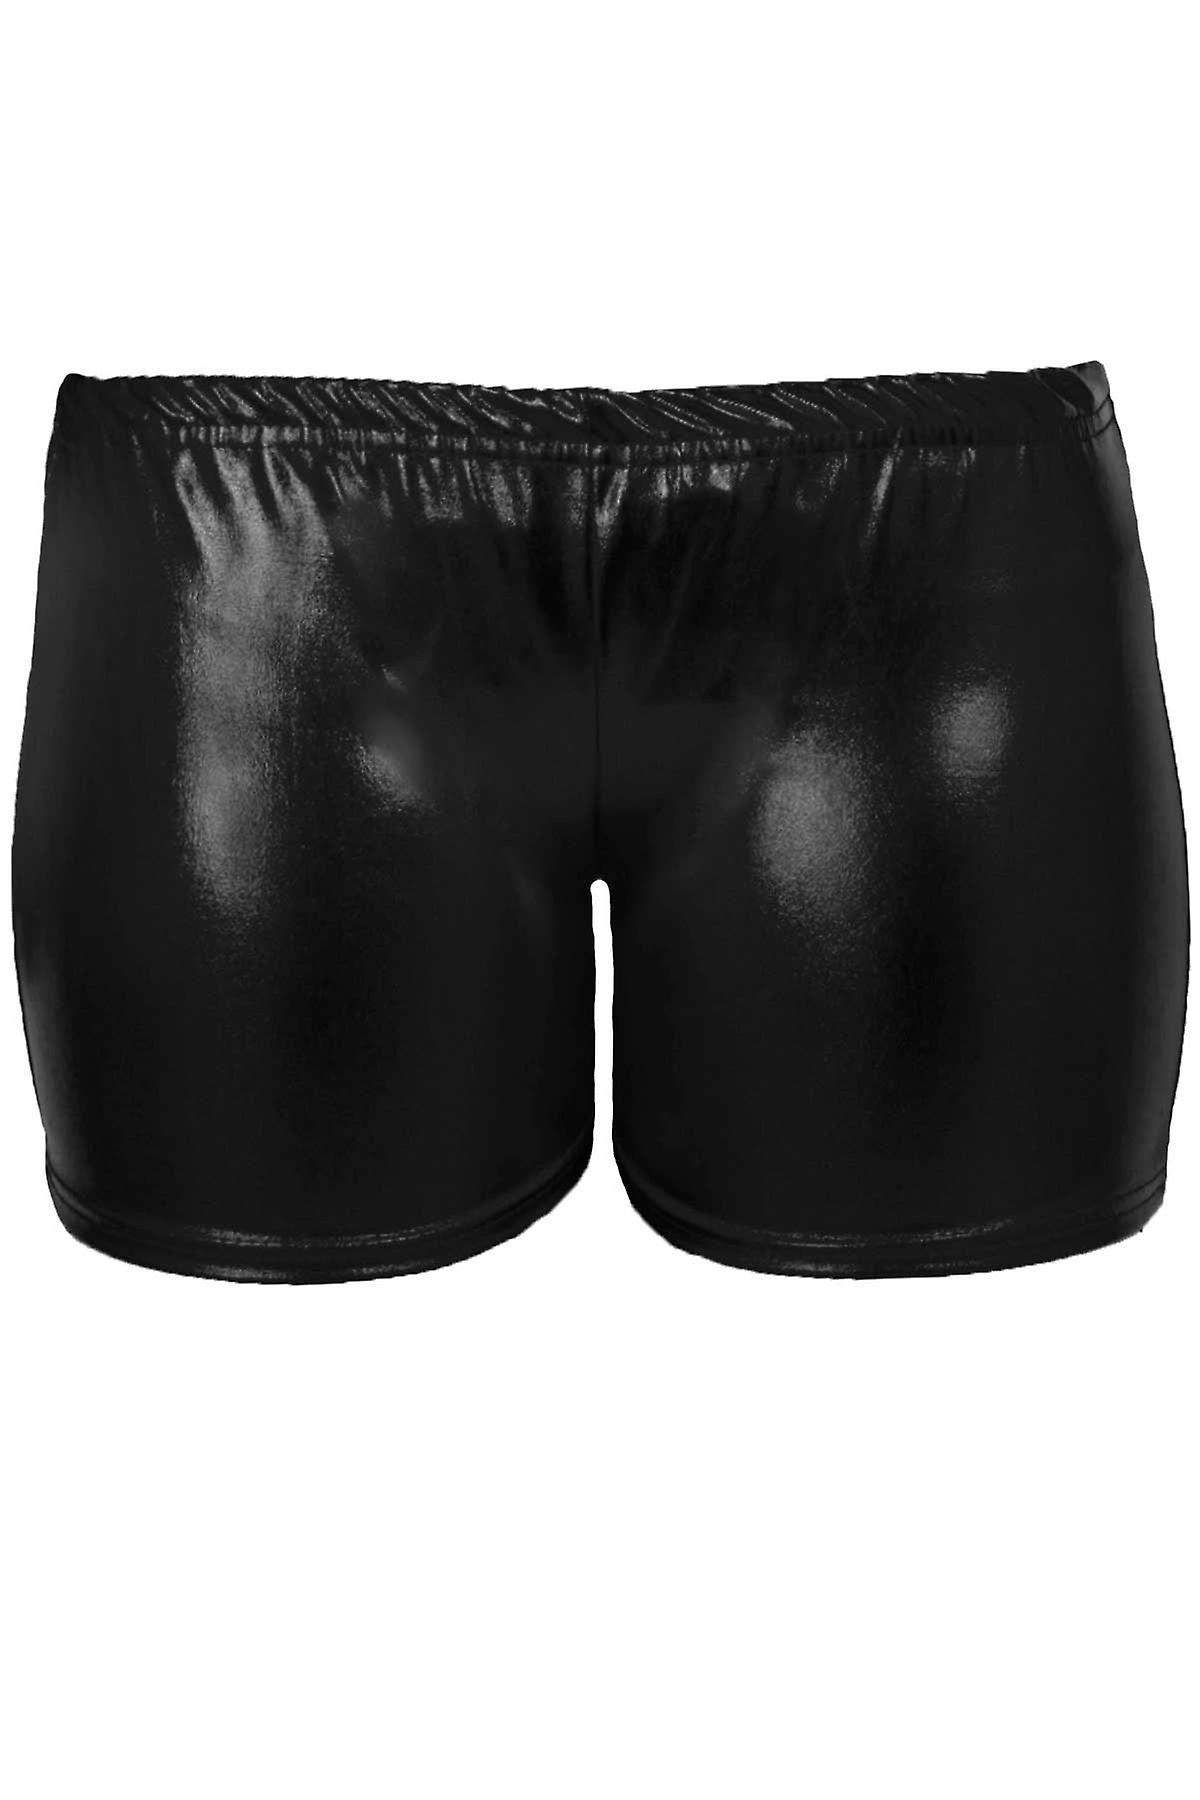 Mädchen Metallic Wet Look Turnen Tanz Stretch-Party für Kinder Hot Pants Shorts